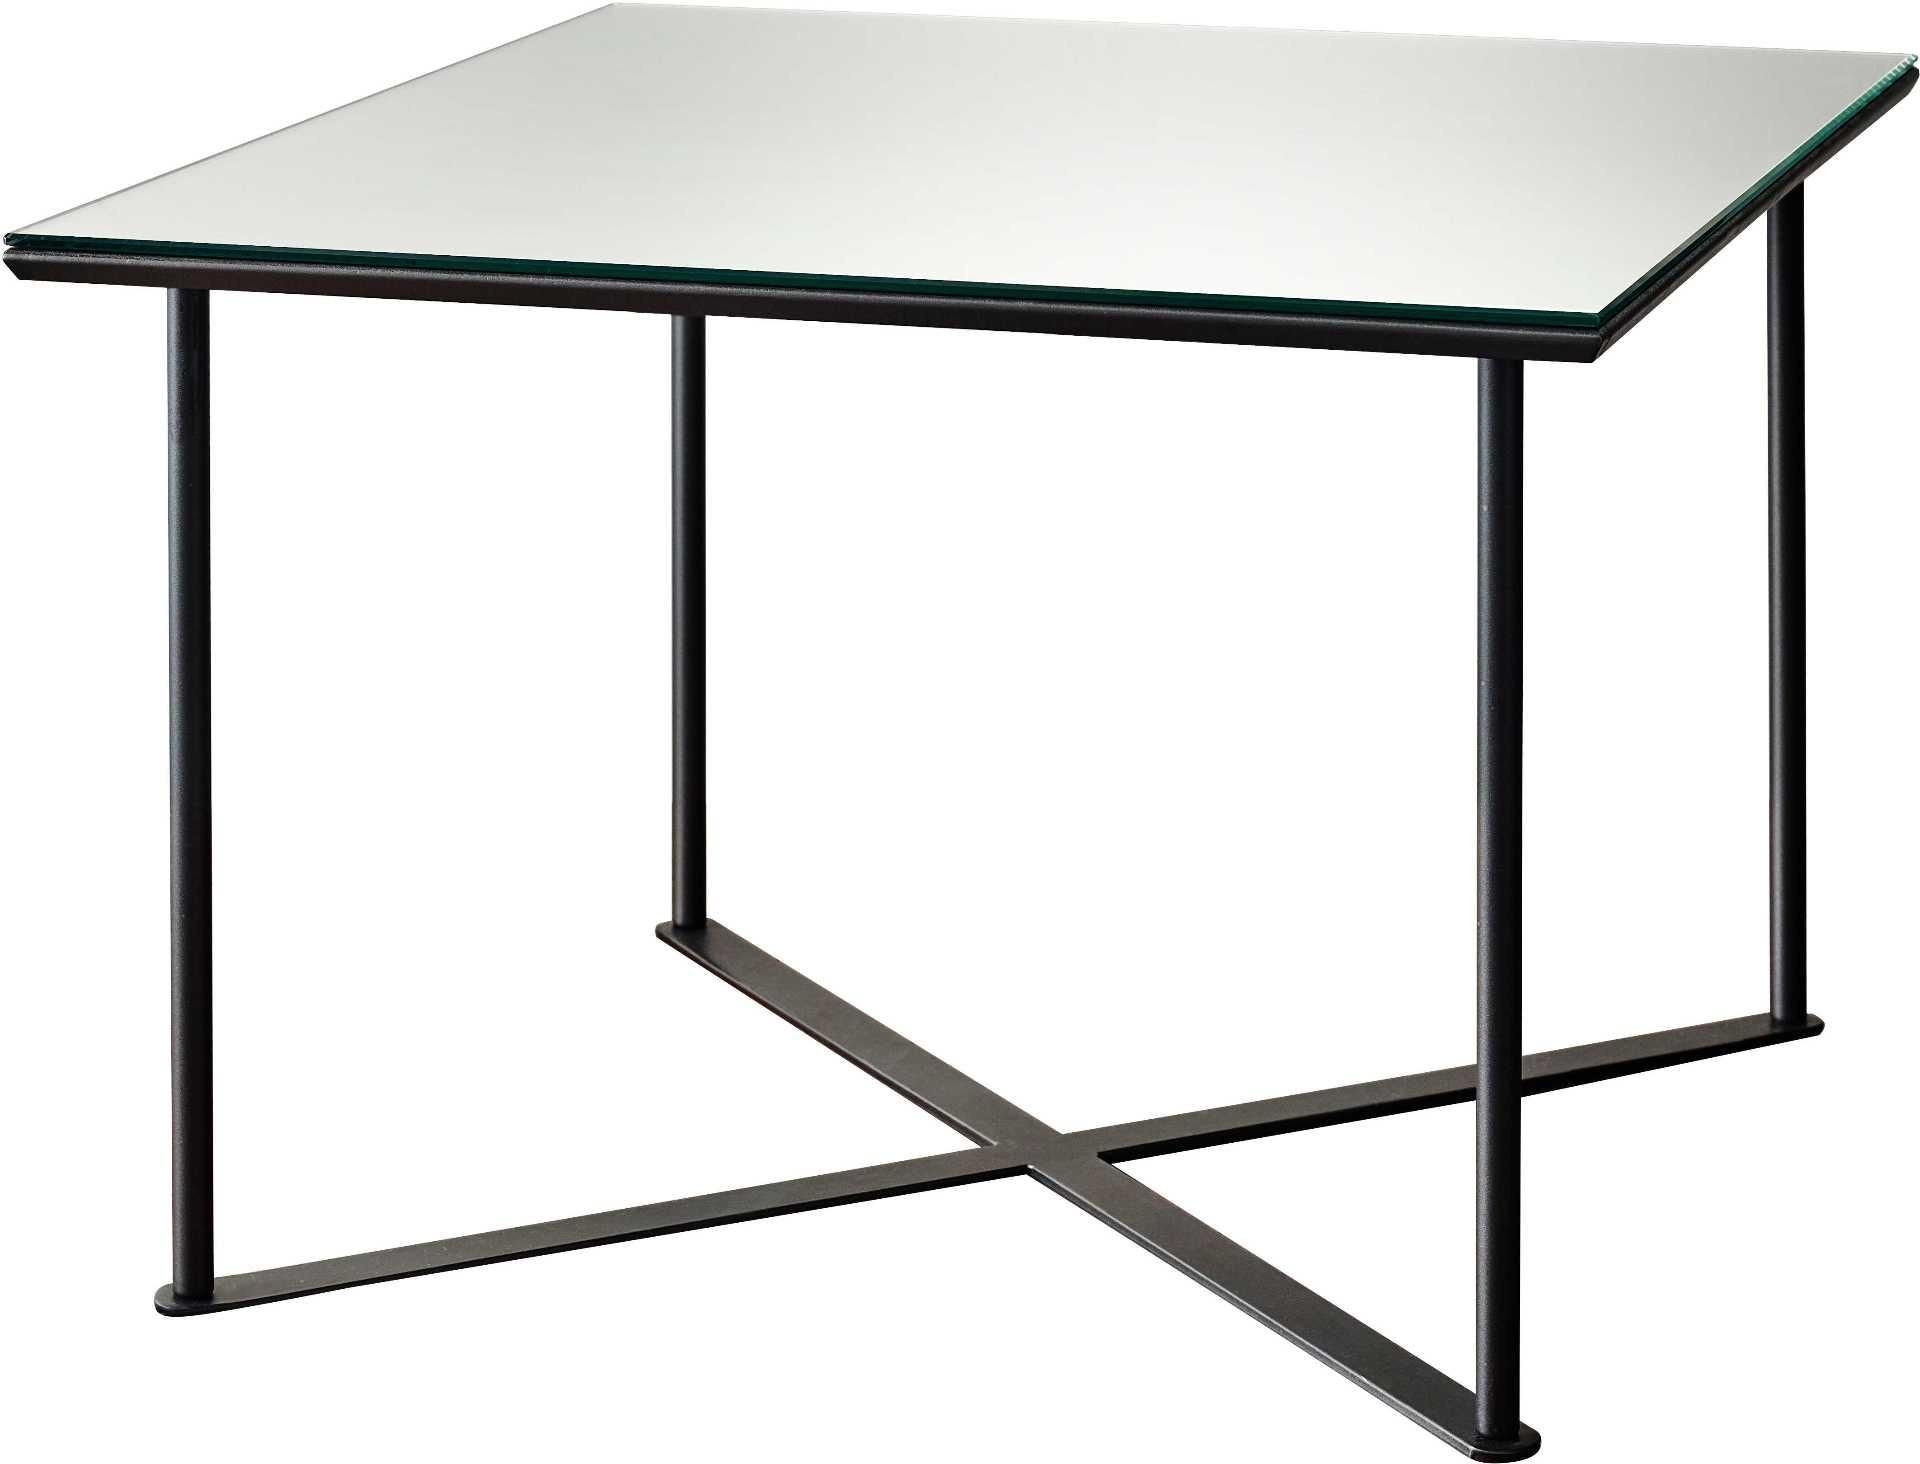 Glimpse Coffee Table Wk2076 01 Adesso